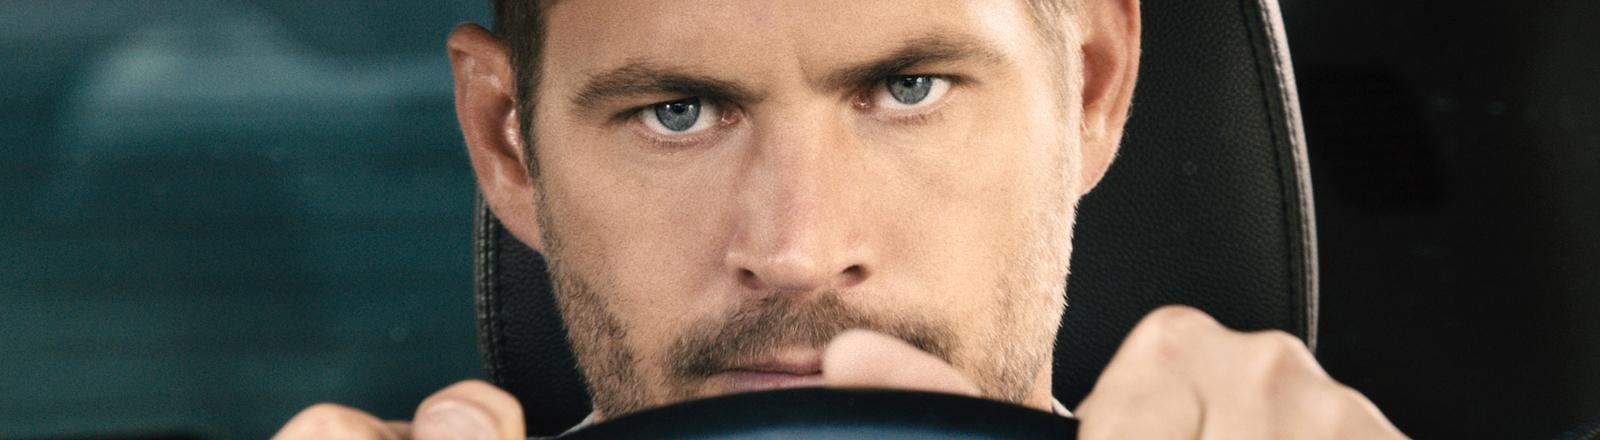 """Der Schauspieler Paul Walker in einer Szene des Films """"Fast & Furious 7"""""""